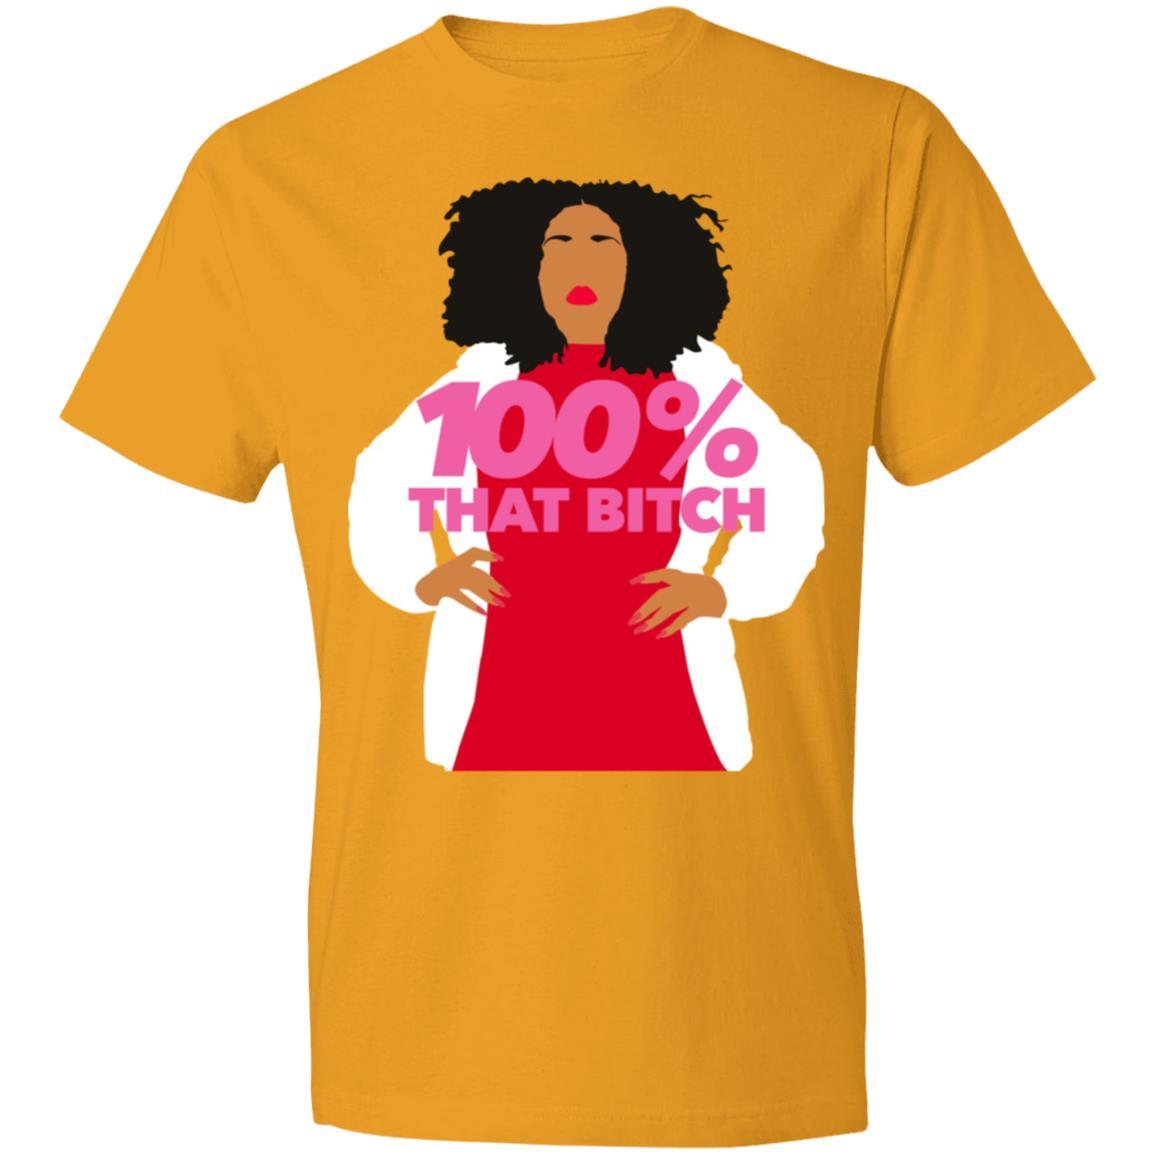 980 Lightweight T-Shirt 4.5 oz